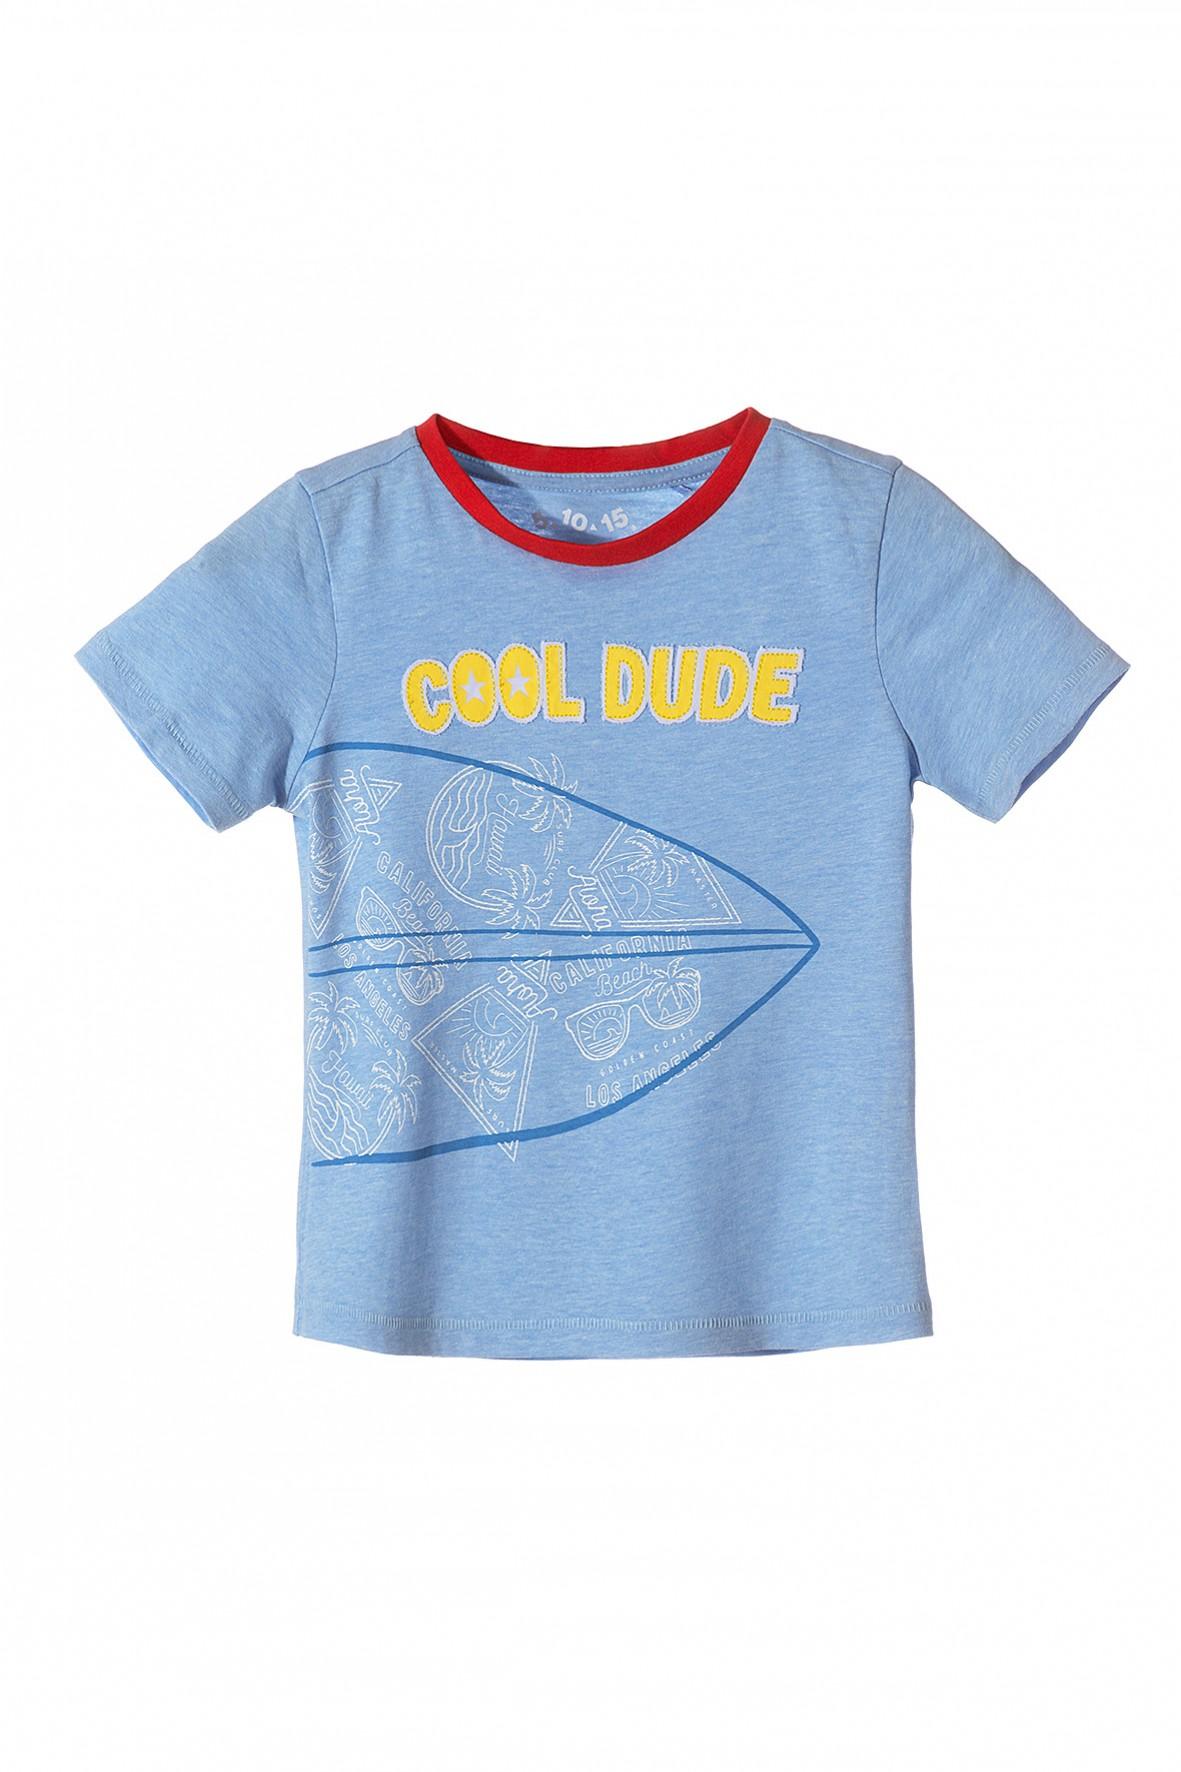 Koszulka chłopięca z krótkim rękawem-cool dude